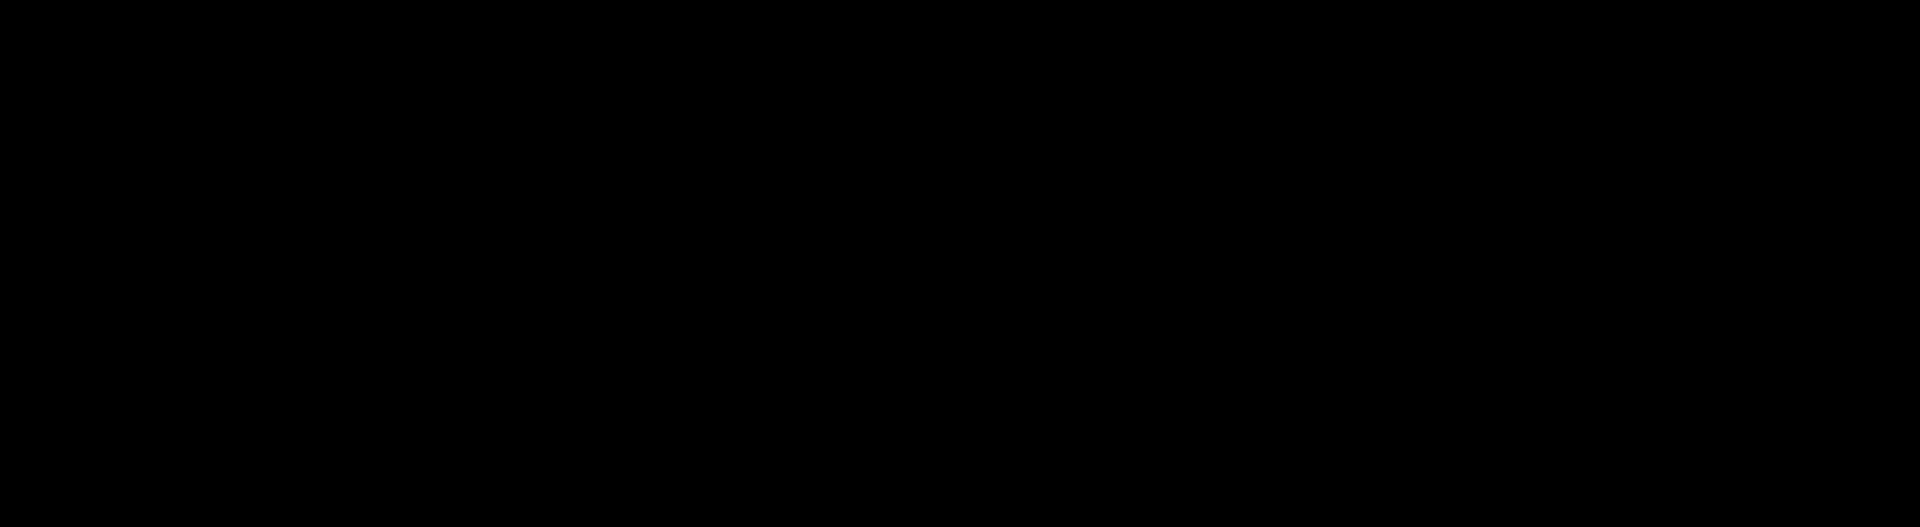 Player Research x EA logo